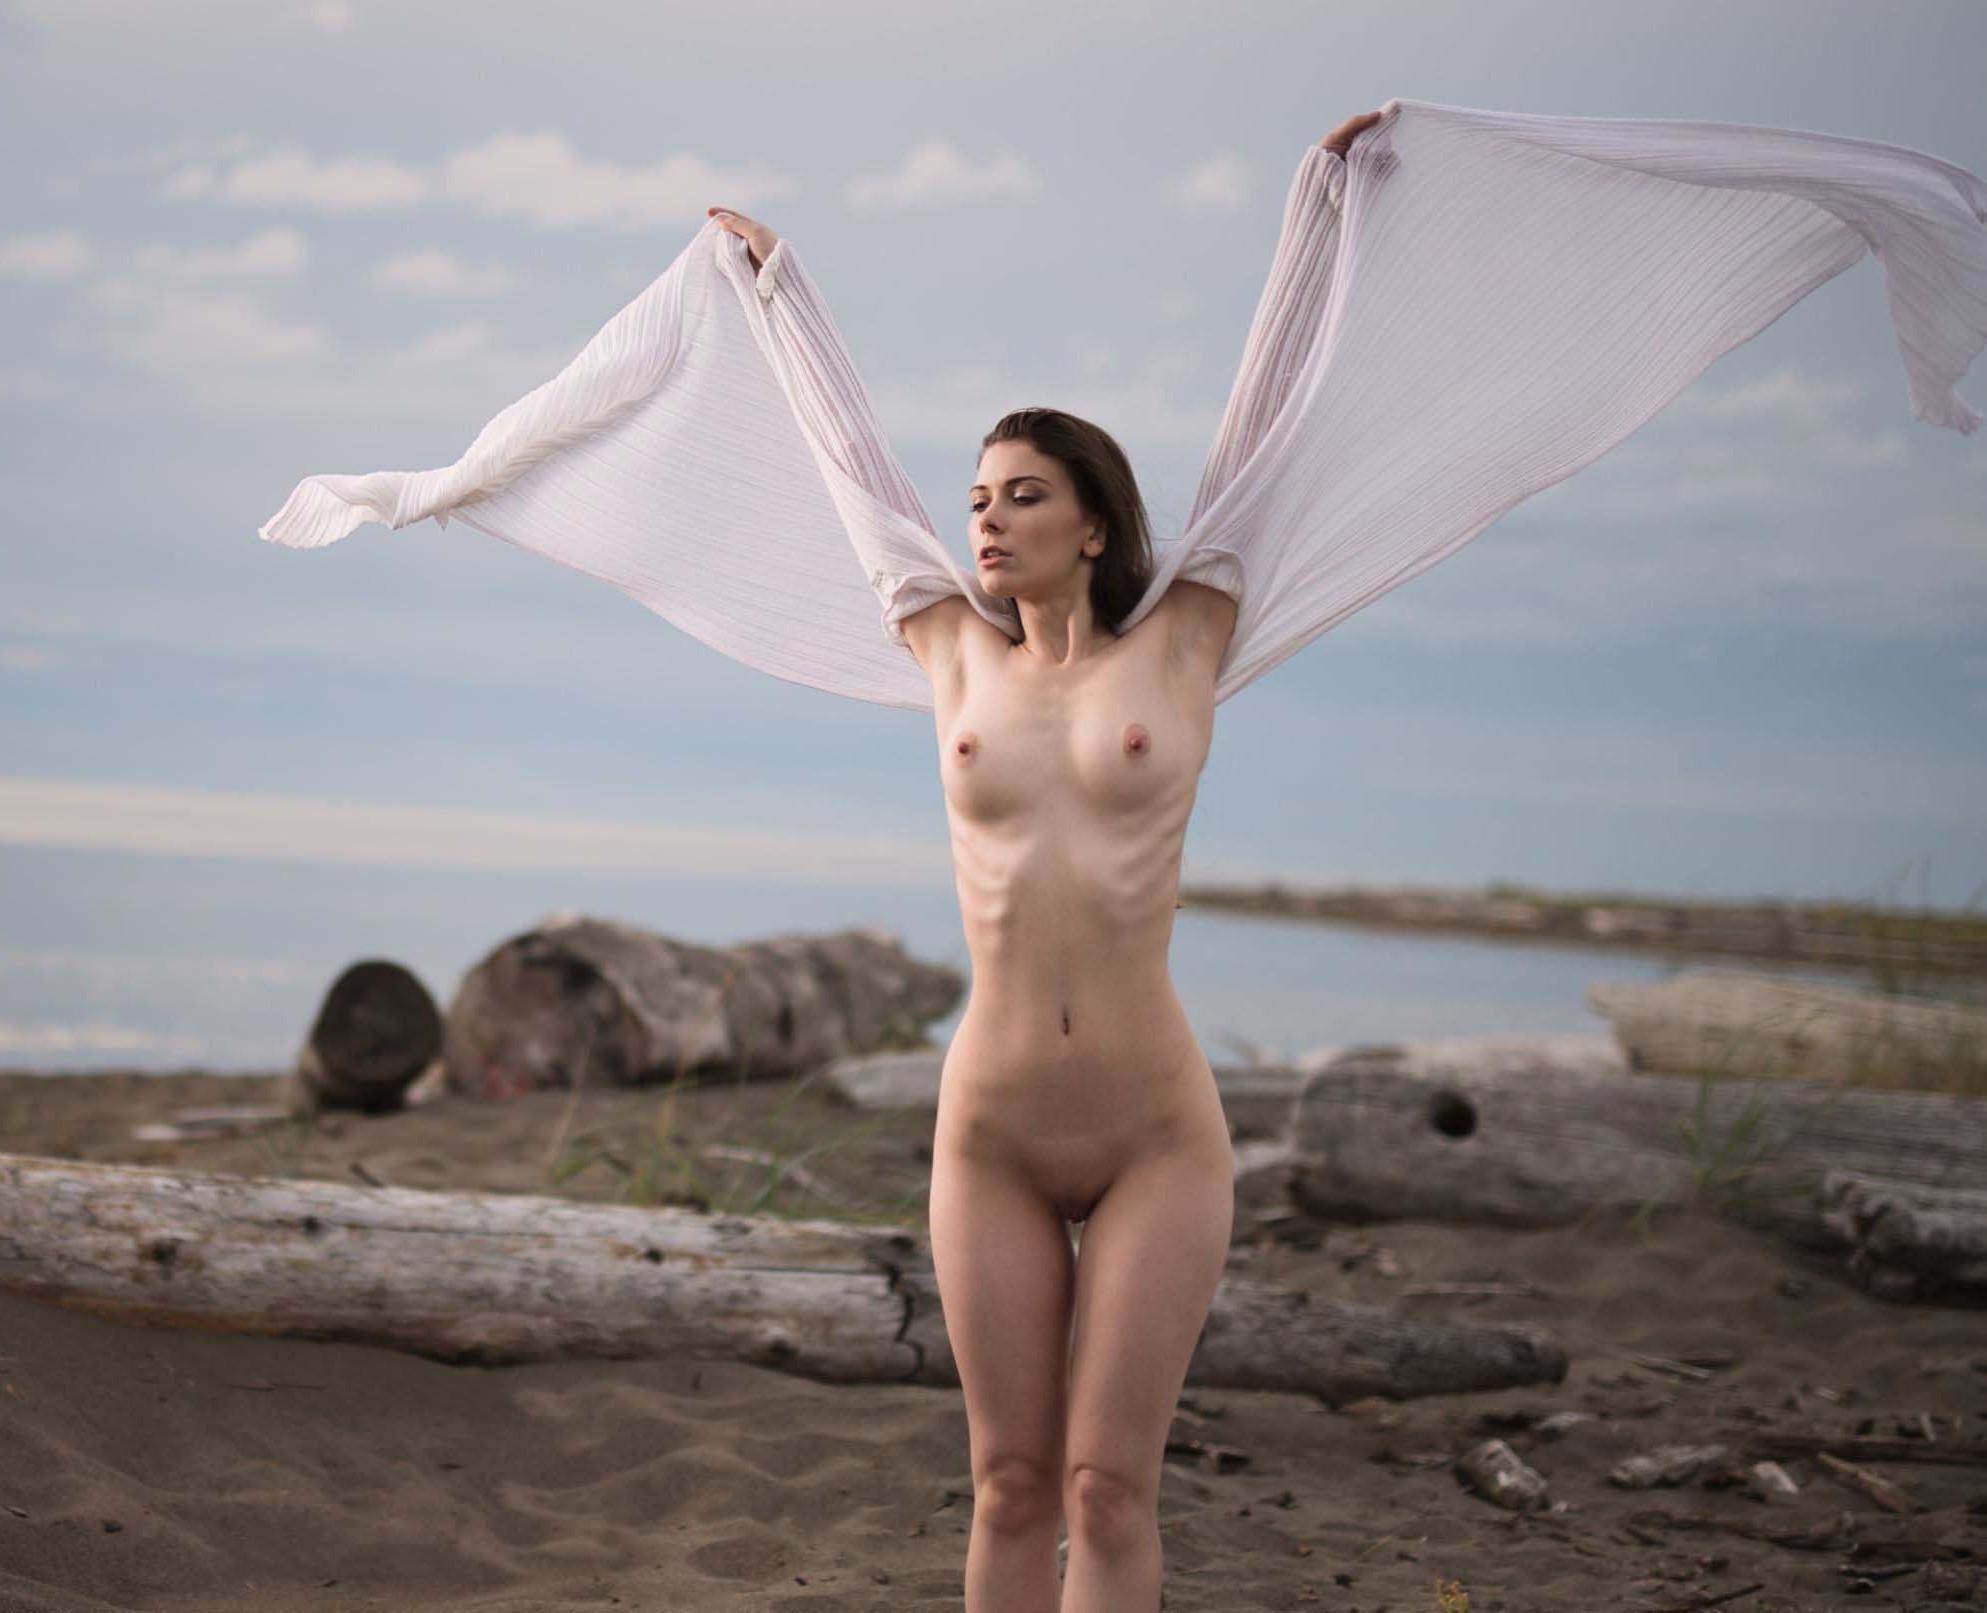 nude-skinny-girls-slim-body-mix-76